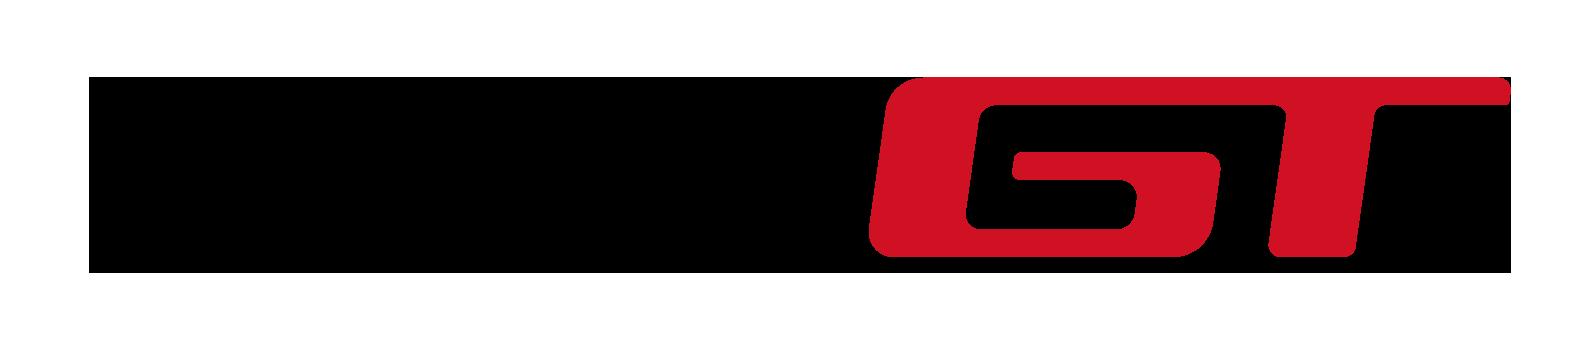 uqi_gt_logo